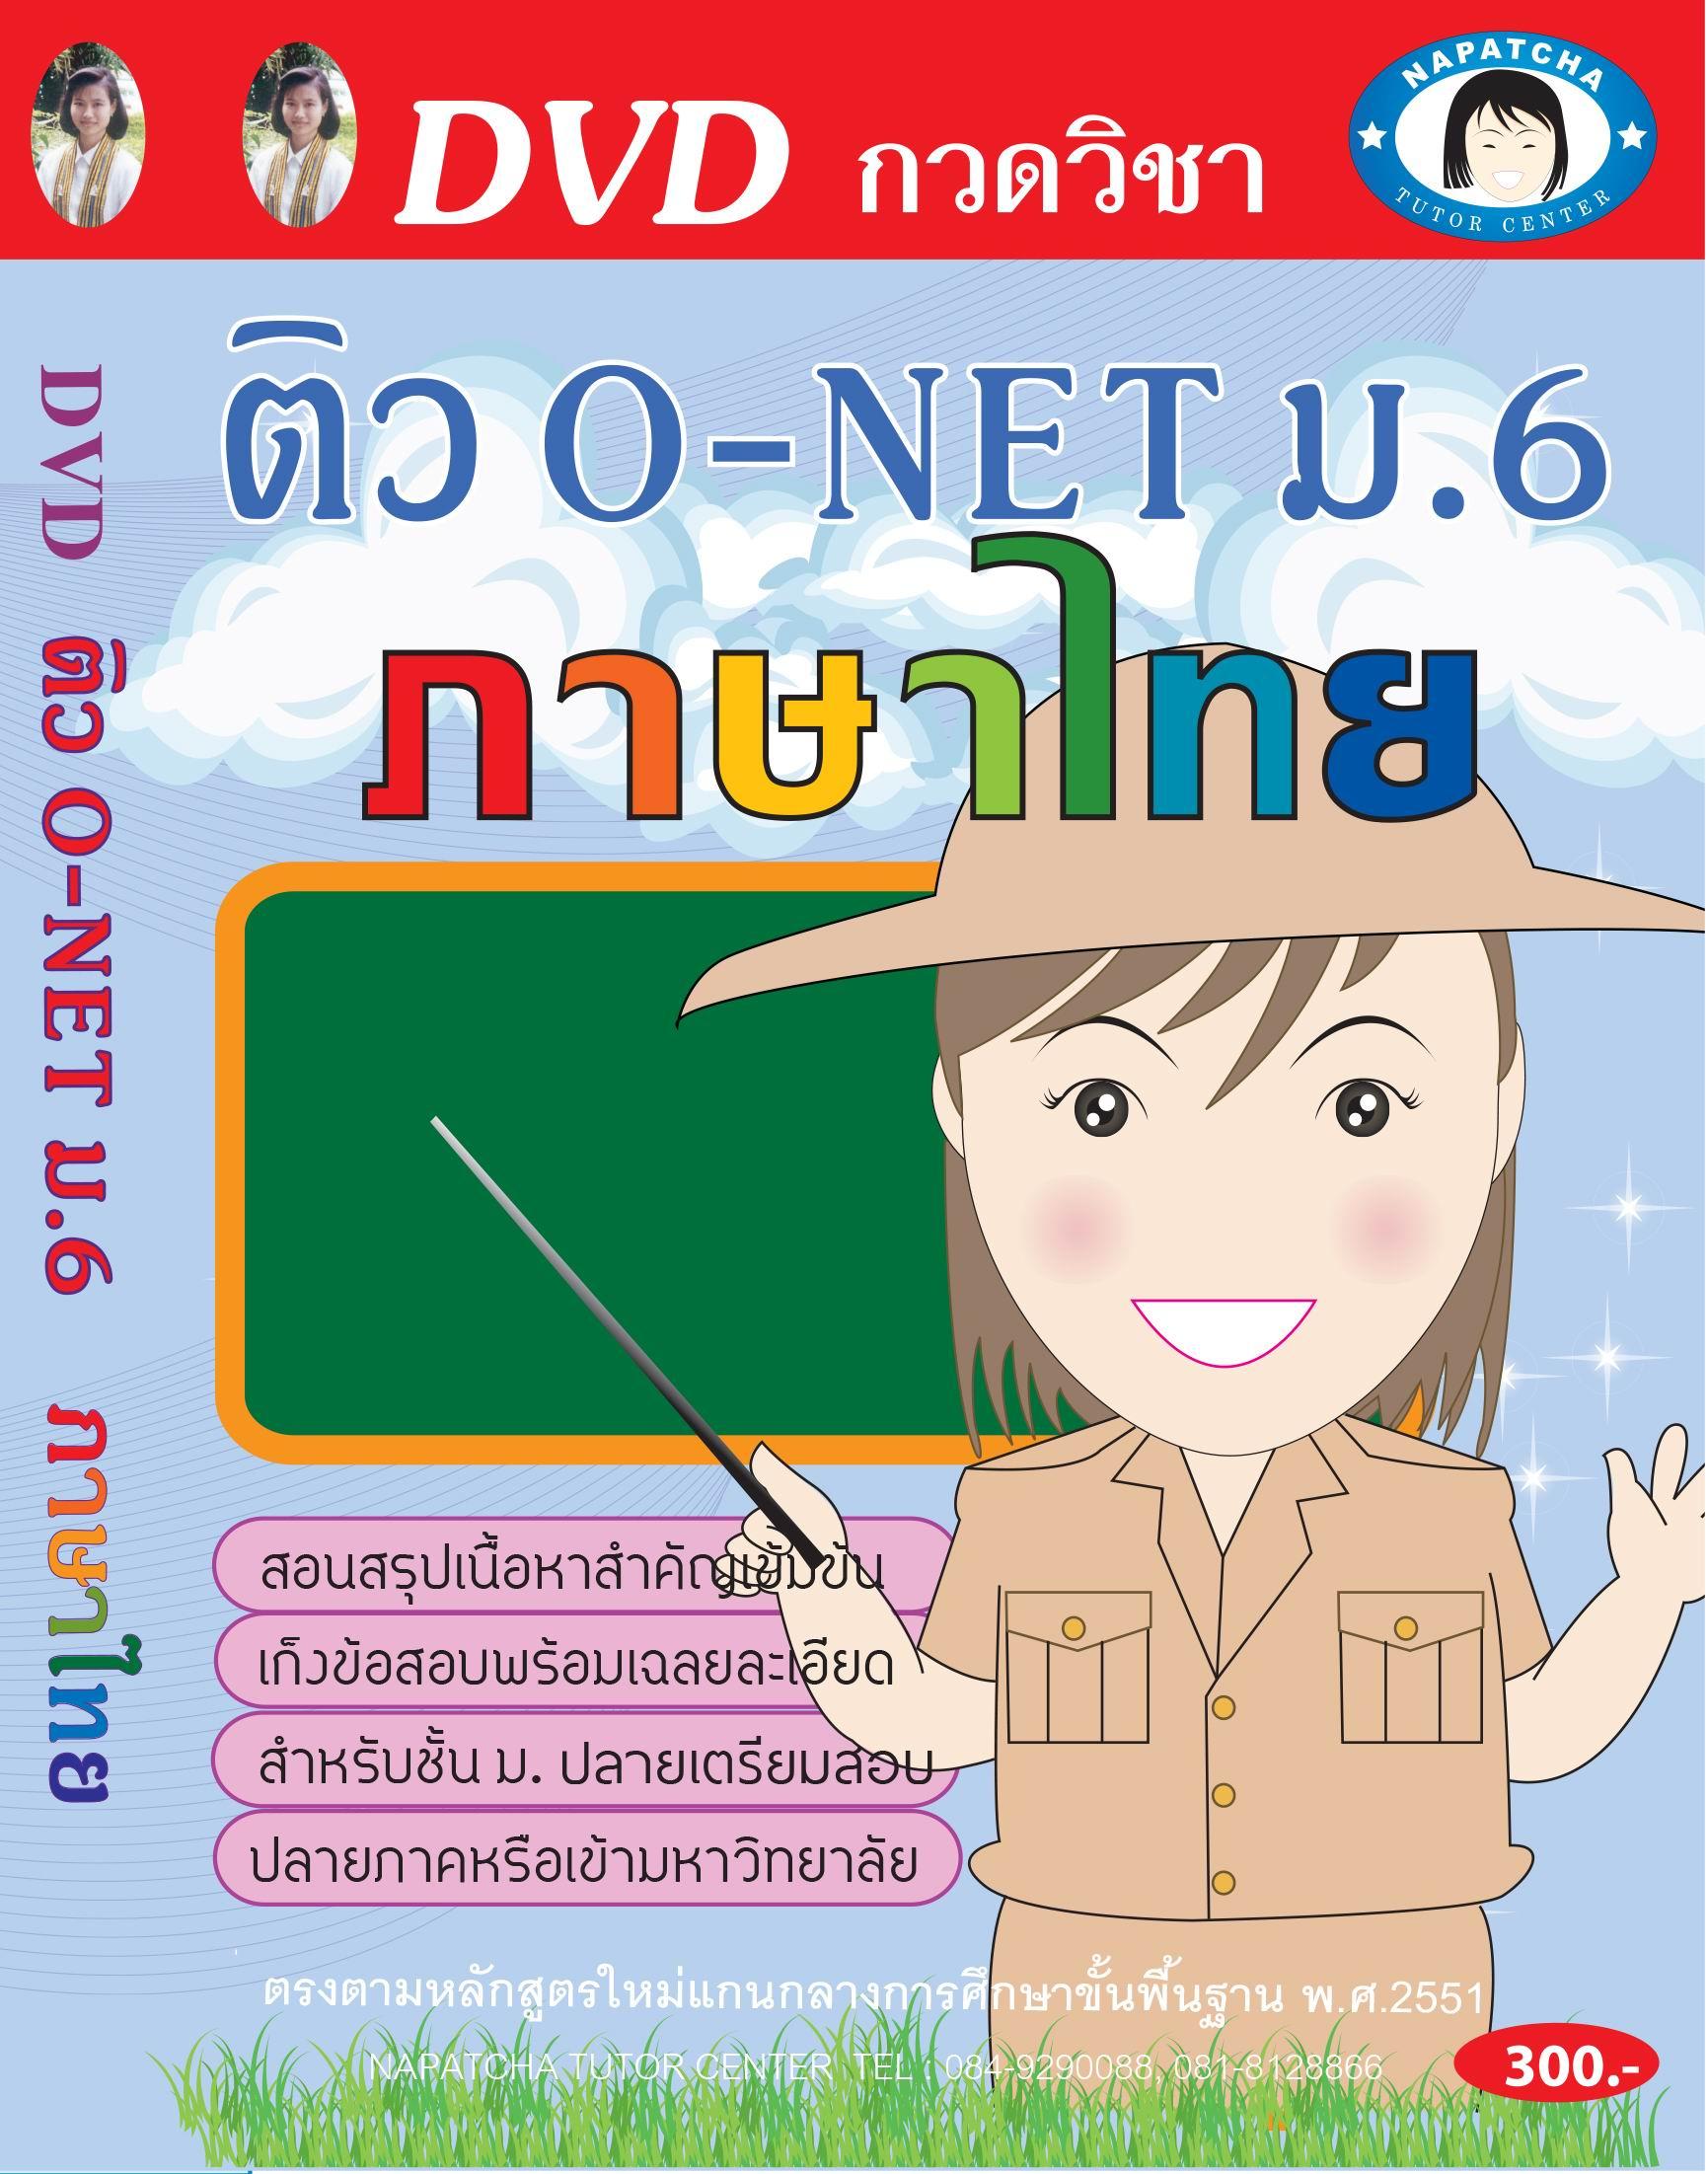 DVD ติว O-NET ม.6 ภาษาไทย